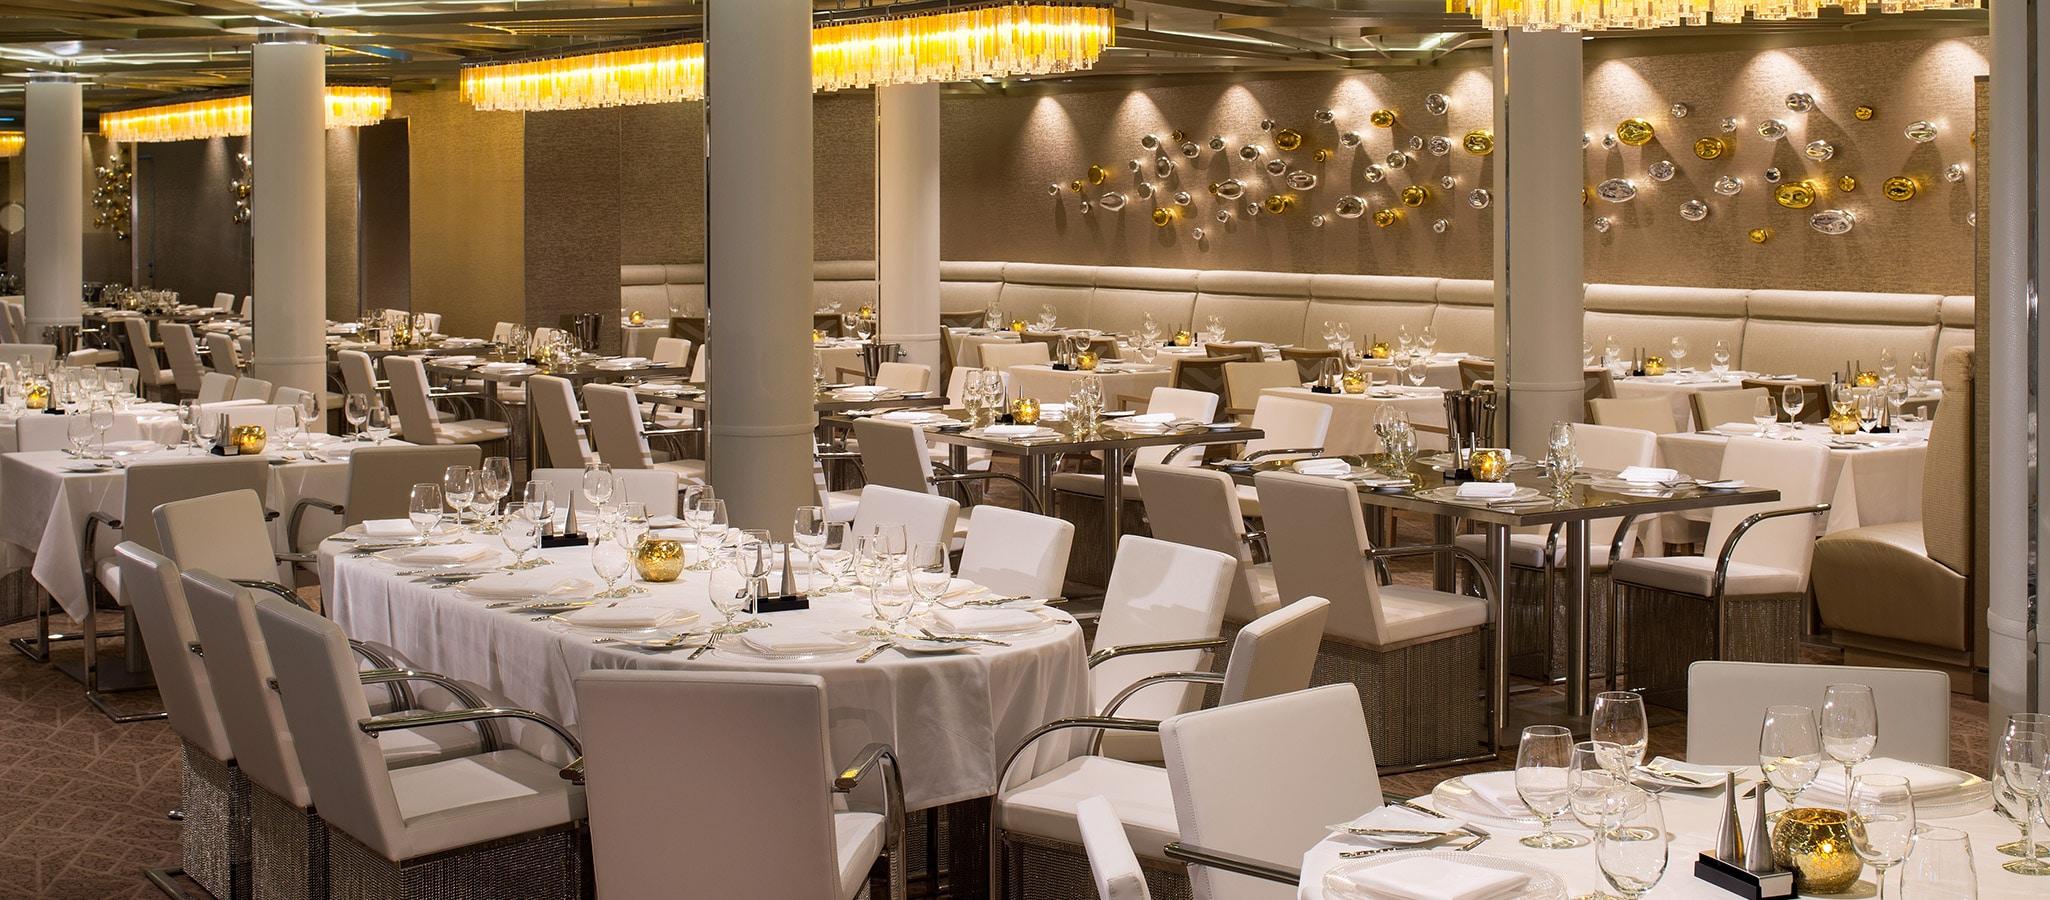 Vielfalt bietet auch das kulinarische Leben an Bord: Ihren Gästen stehen unzählige (Themen-) Restaurants zur Verfügung.